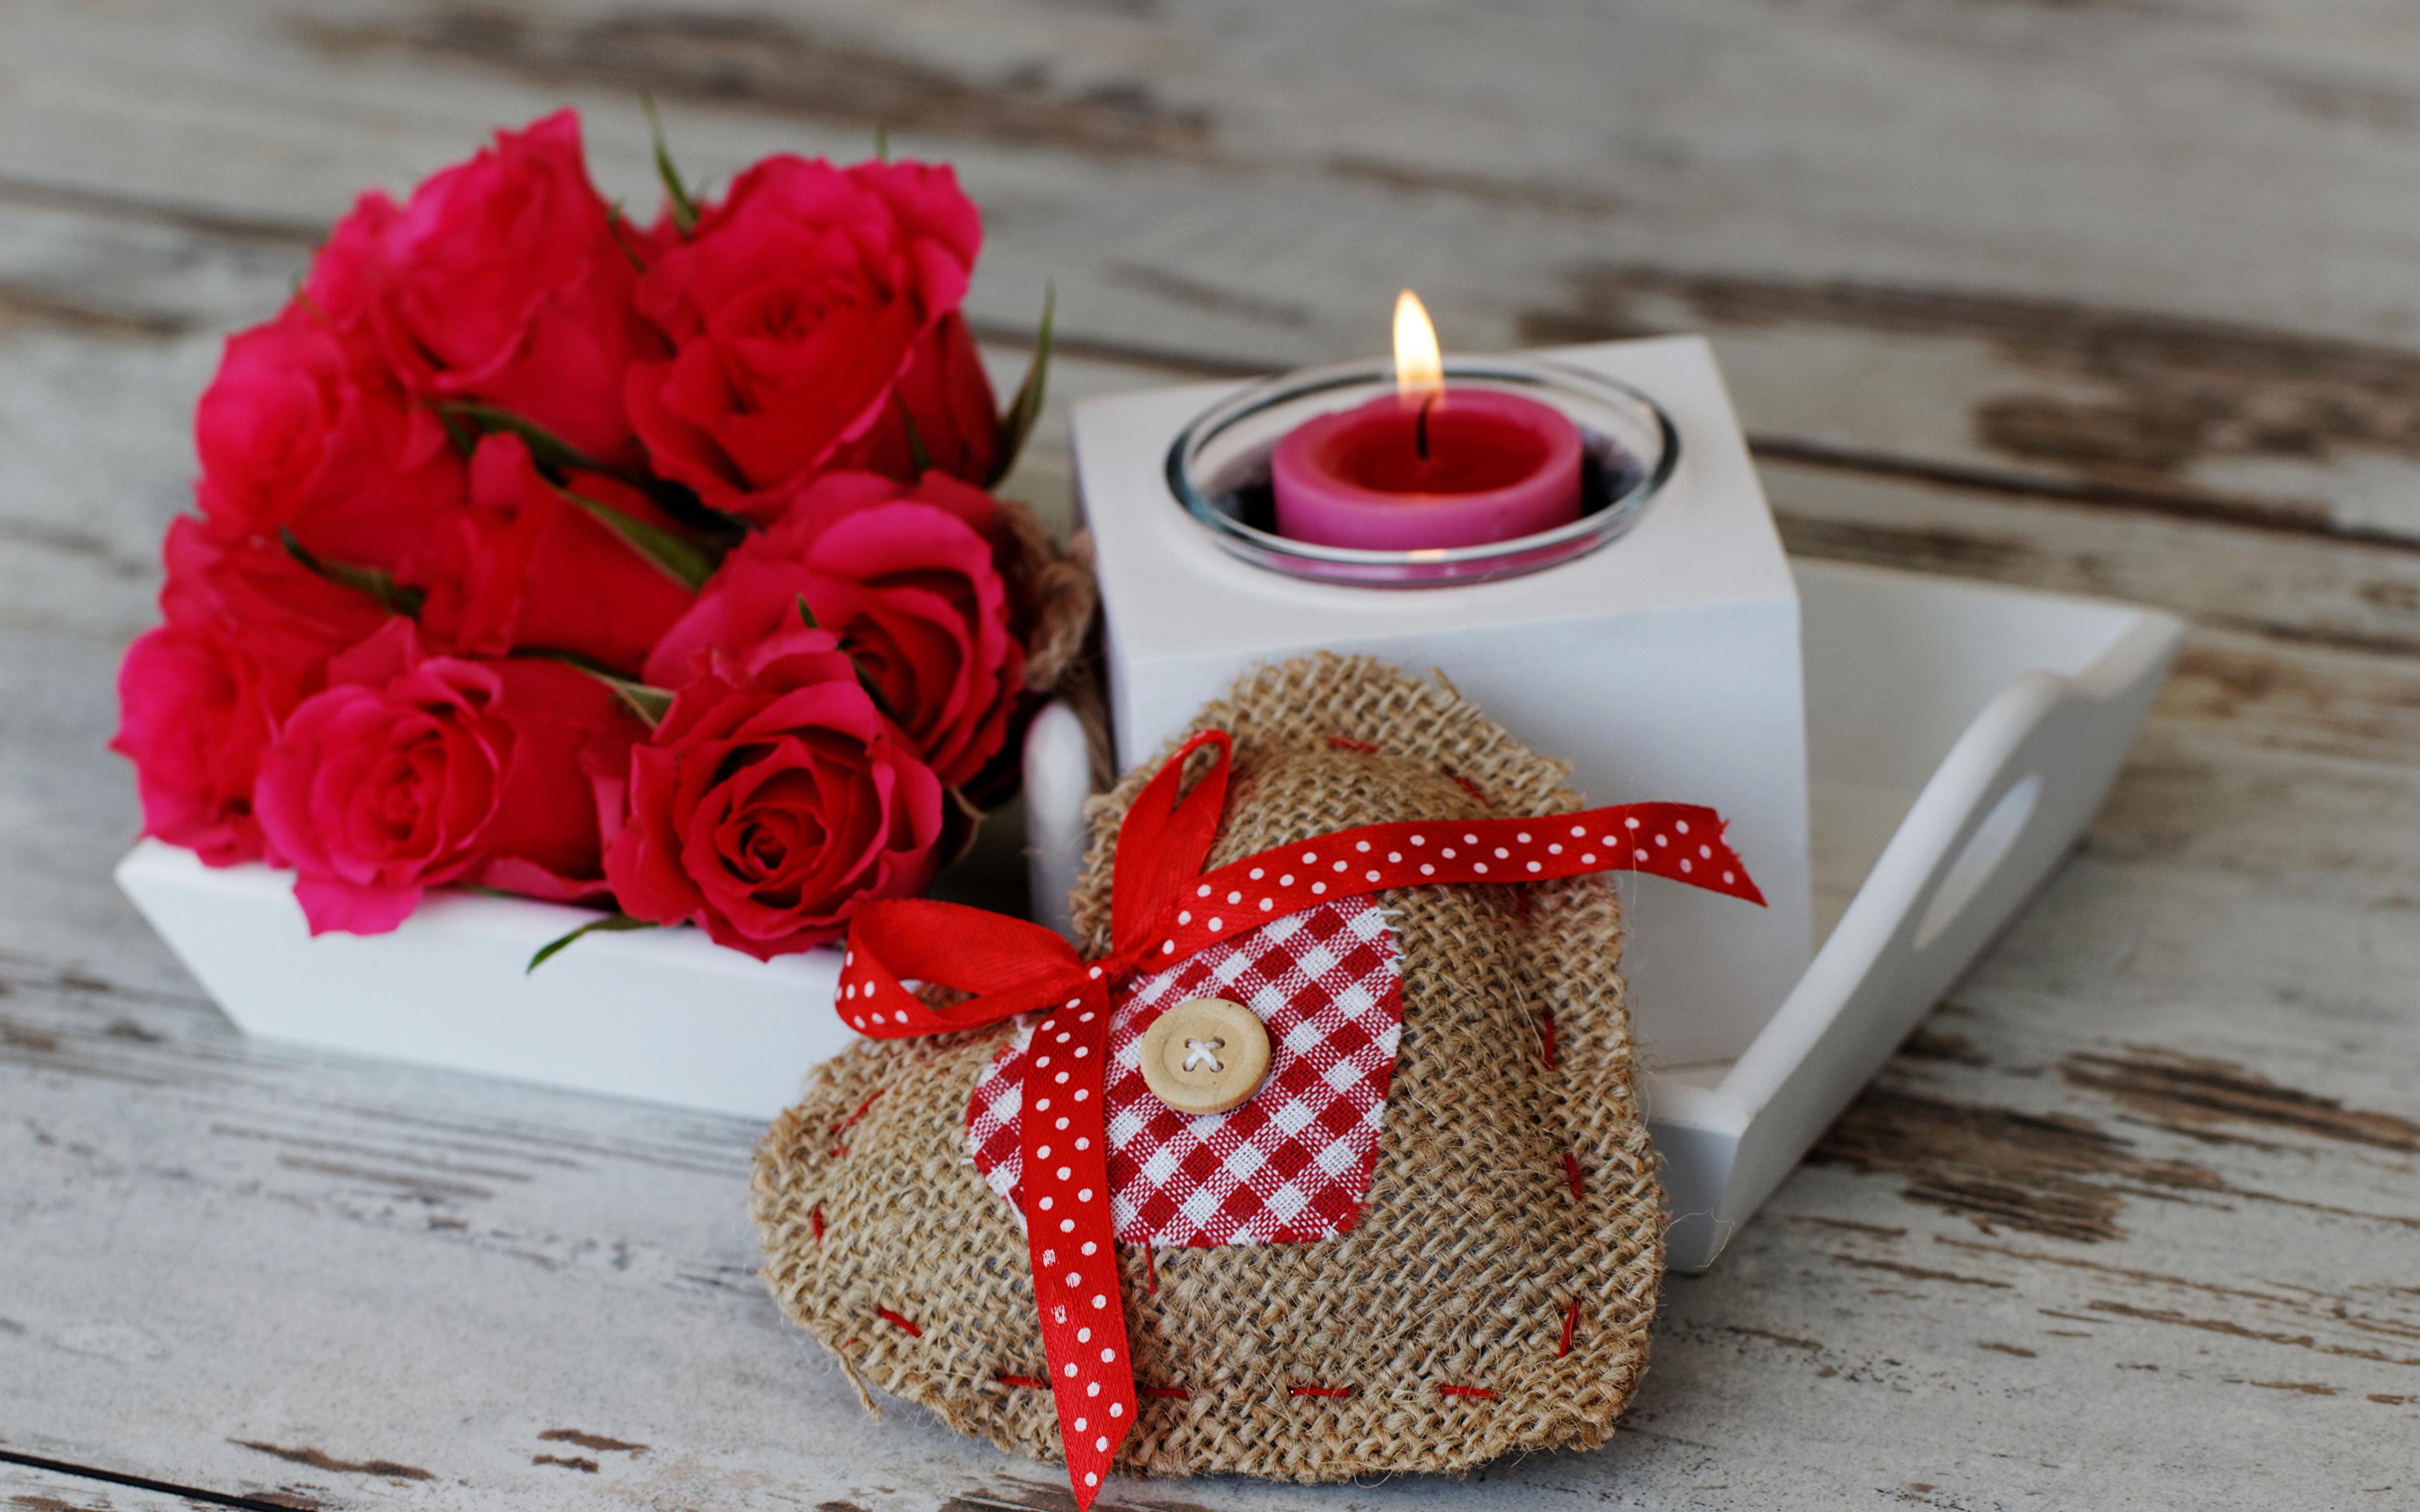 Обои для рабочего стола День святого Валентина сердечко букет Розы красная Свечи Бантик 3840x2400 День всех влюблённых серце Сердце сердца Букеты роза Красный красные красных бант бантики